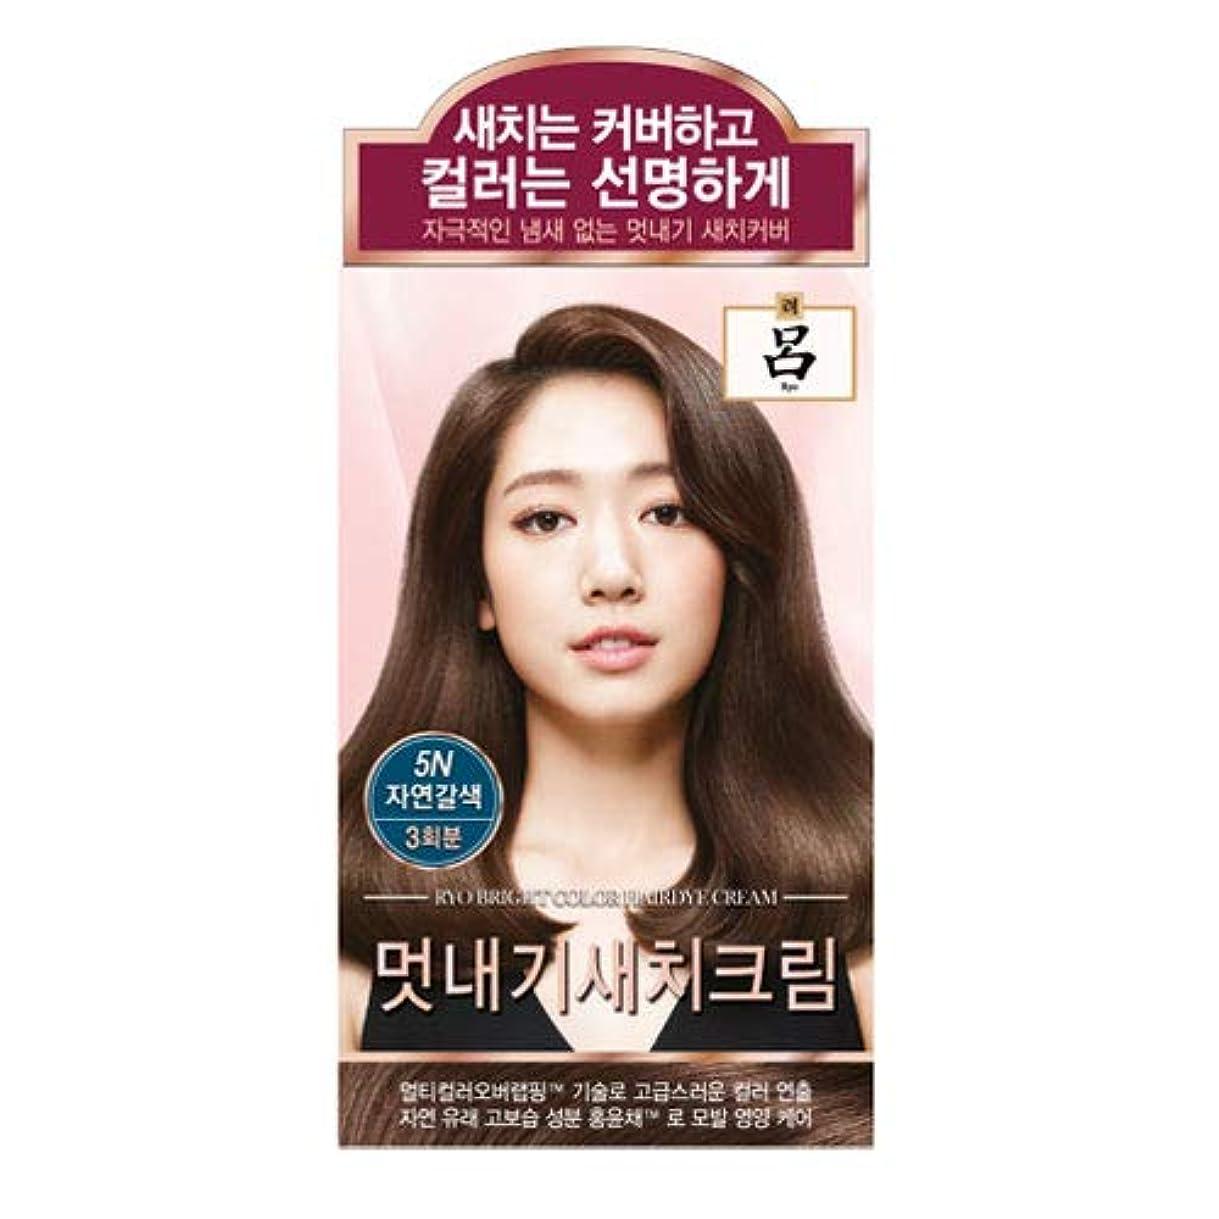 最大の栄養海嶺アモーレパシフィック呂[AMOREPACIFIC/Ryo] ブライトカラーヘアアイクリーム 5N ナチュラルブラウン/Bright Color Hairdye Cream 5N Natural Brown